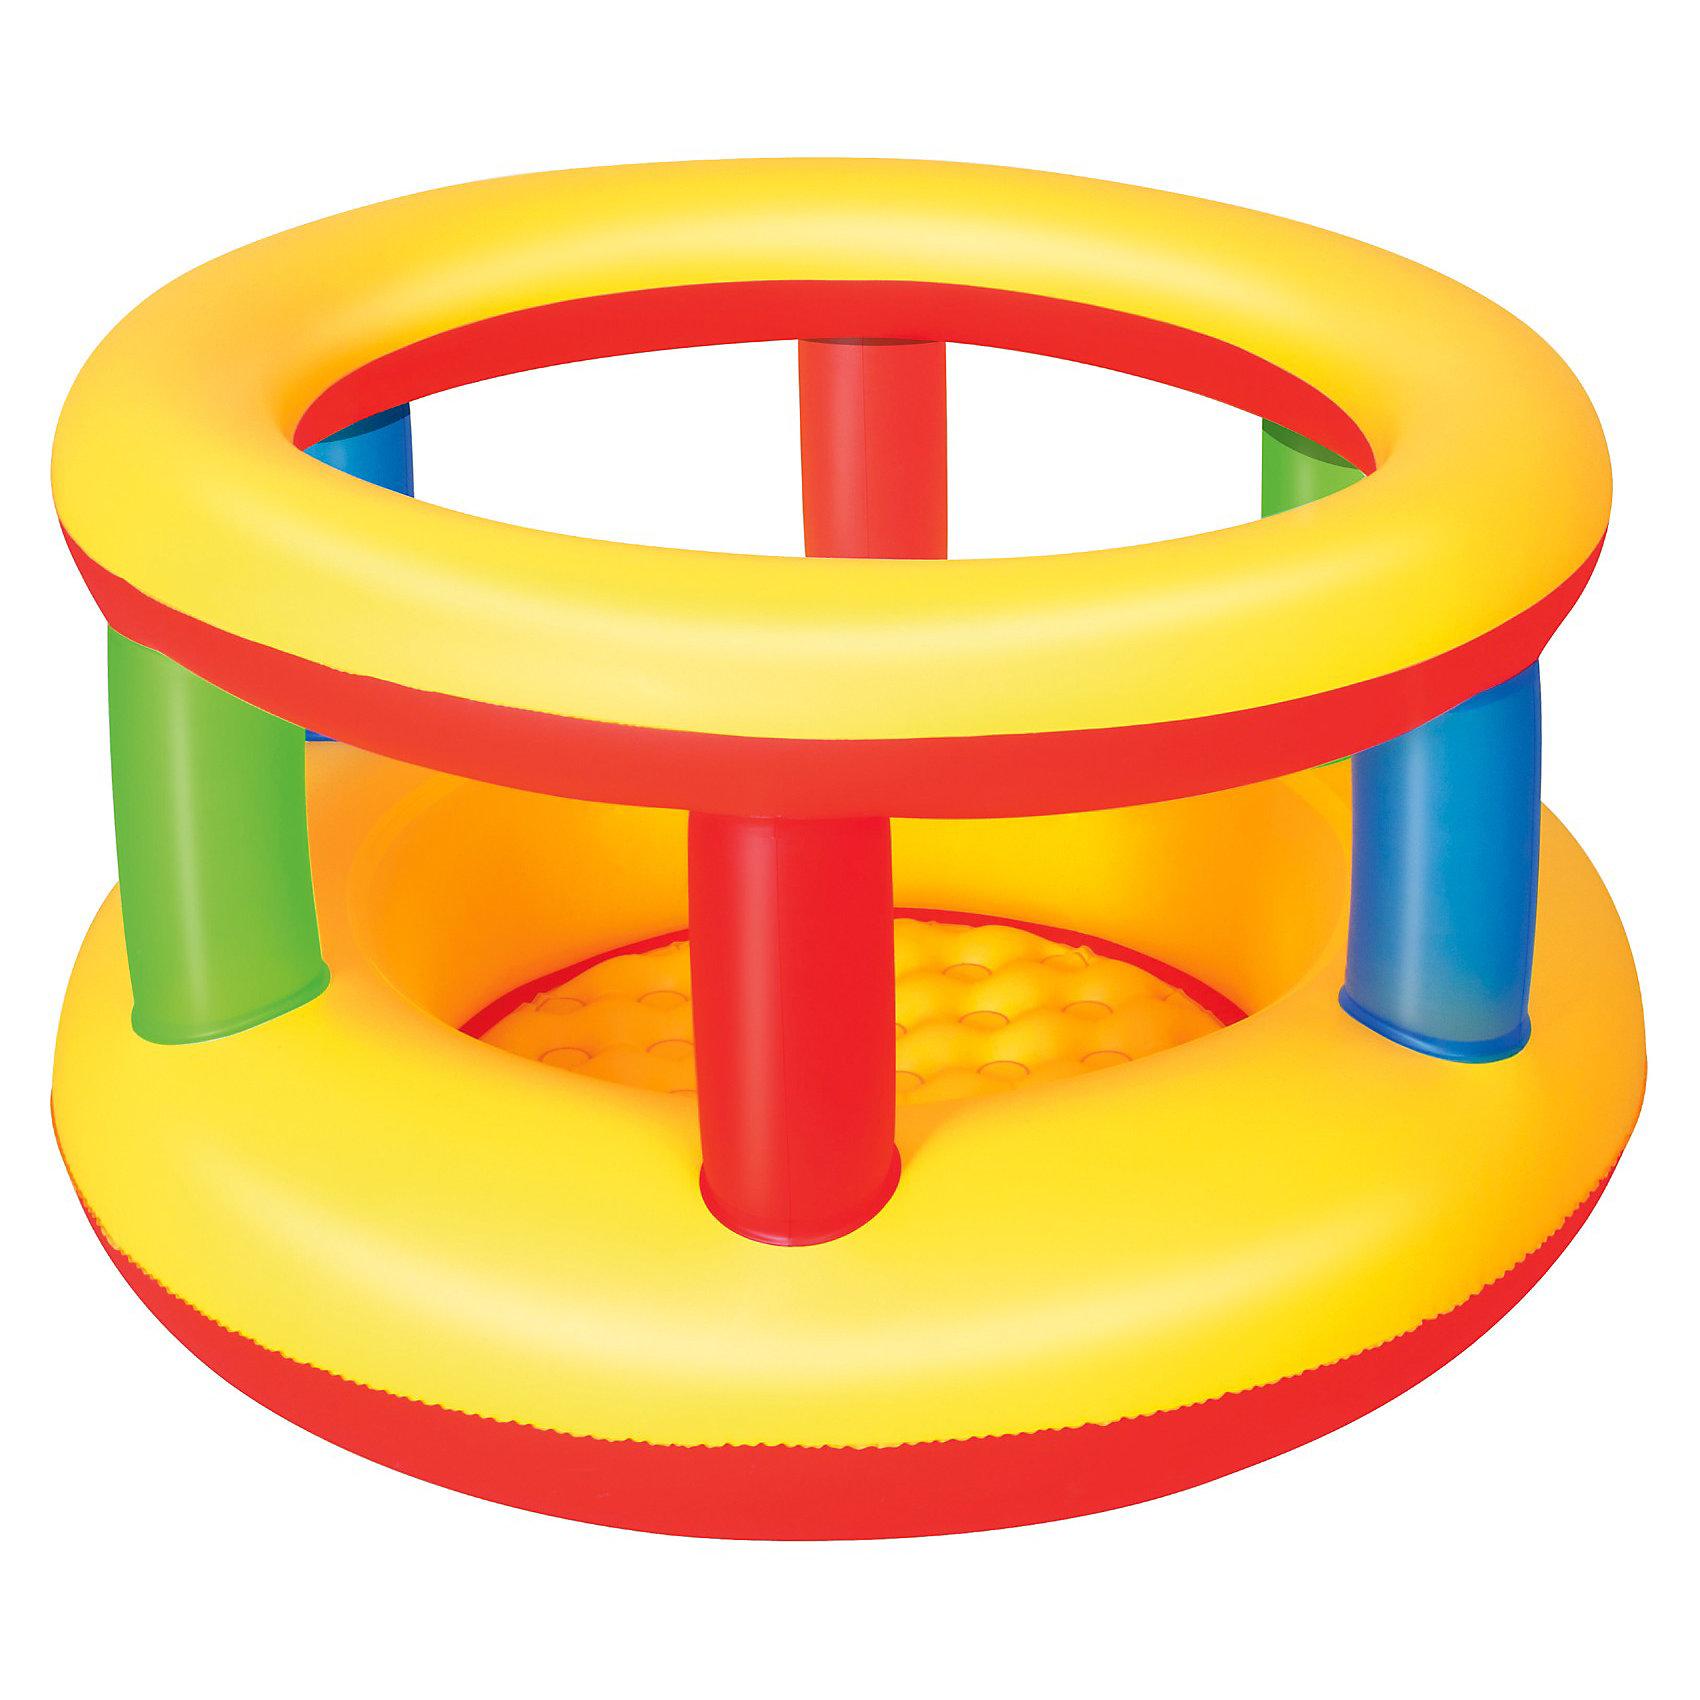 Надувной манеж, 112х63 см, BestwayНадувной манеж, Bestway, прекрасно подойдет для игр малыша как дома так и на улице. Высокие и мягкие боковые стенки и надувной пол гарантируют полную безопасность и комфорт. Манеж выполнен в яркой, привлекательной для ребенка расцветке. Материал представляет собой<br>нетоксичный и прочный винил 0,25 мм., устойчивый к изнашиванию. Поставляется в сдутом виде, насос в комплект не входит. Для детей от 1 года (максимальный вес - 30 кг.).<br><br>Дополнительная информация:<br><br>- Материал: ПВХ.<br>- Размер манежа: 112 х 63,5 см. <br>- Размер упаковки: 30,3 х 29,7 х 6,8 см.<br>- Вес: 1,54 кг.<br><br>Надувной манеж, 112х63 см., Bestway, можно купить в нашем интернет-магазине.<br><br>Ширина мм: 303<br>Глубина мм: 297<br>Высота мм: 68<br>Вес г: 1547<br>Возраст от месяцев: -2147483648<br>Возраст до месяцев: 2147483647<br>Пол: Унисекс<br>Возраст: Детский<br>SKU: 3340161